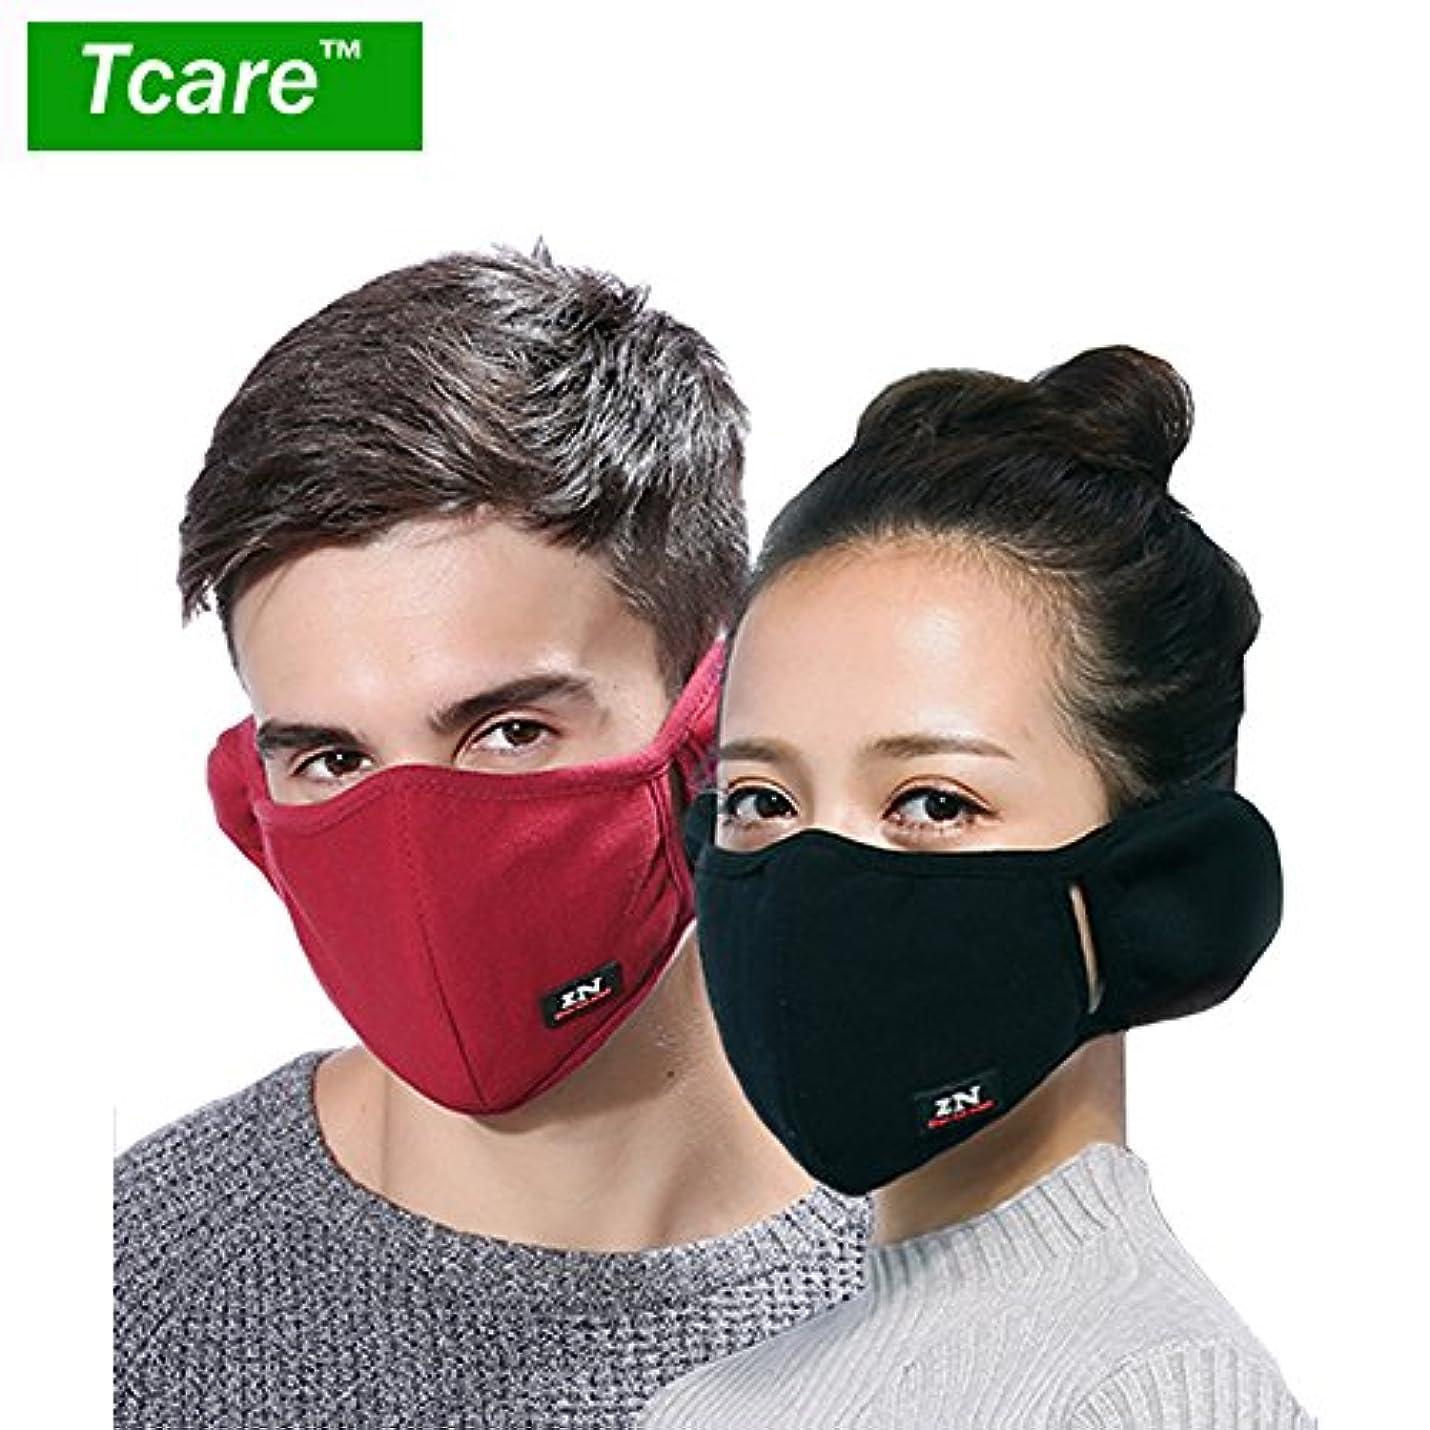 抽象ハプニングコミットメント男性女性の少年少女のためのTcare呼吸器2レイヤピュアコットン保護フィルター挿入口:7ブラック